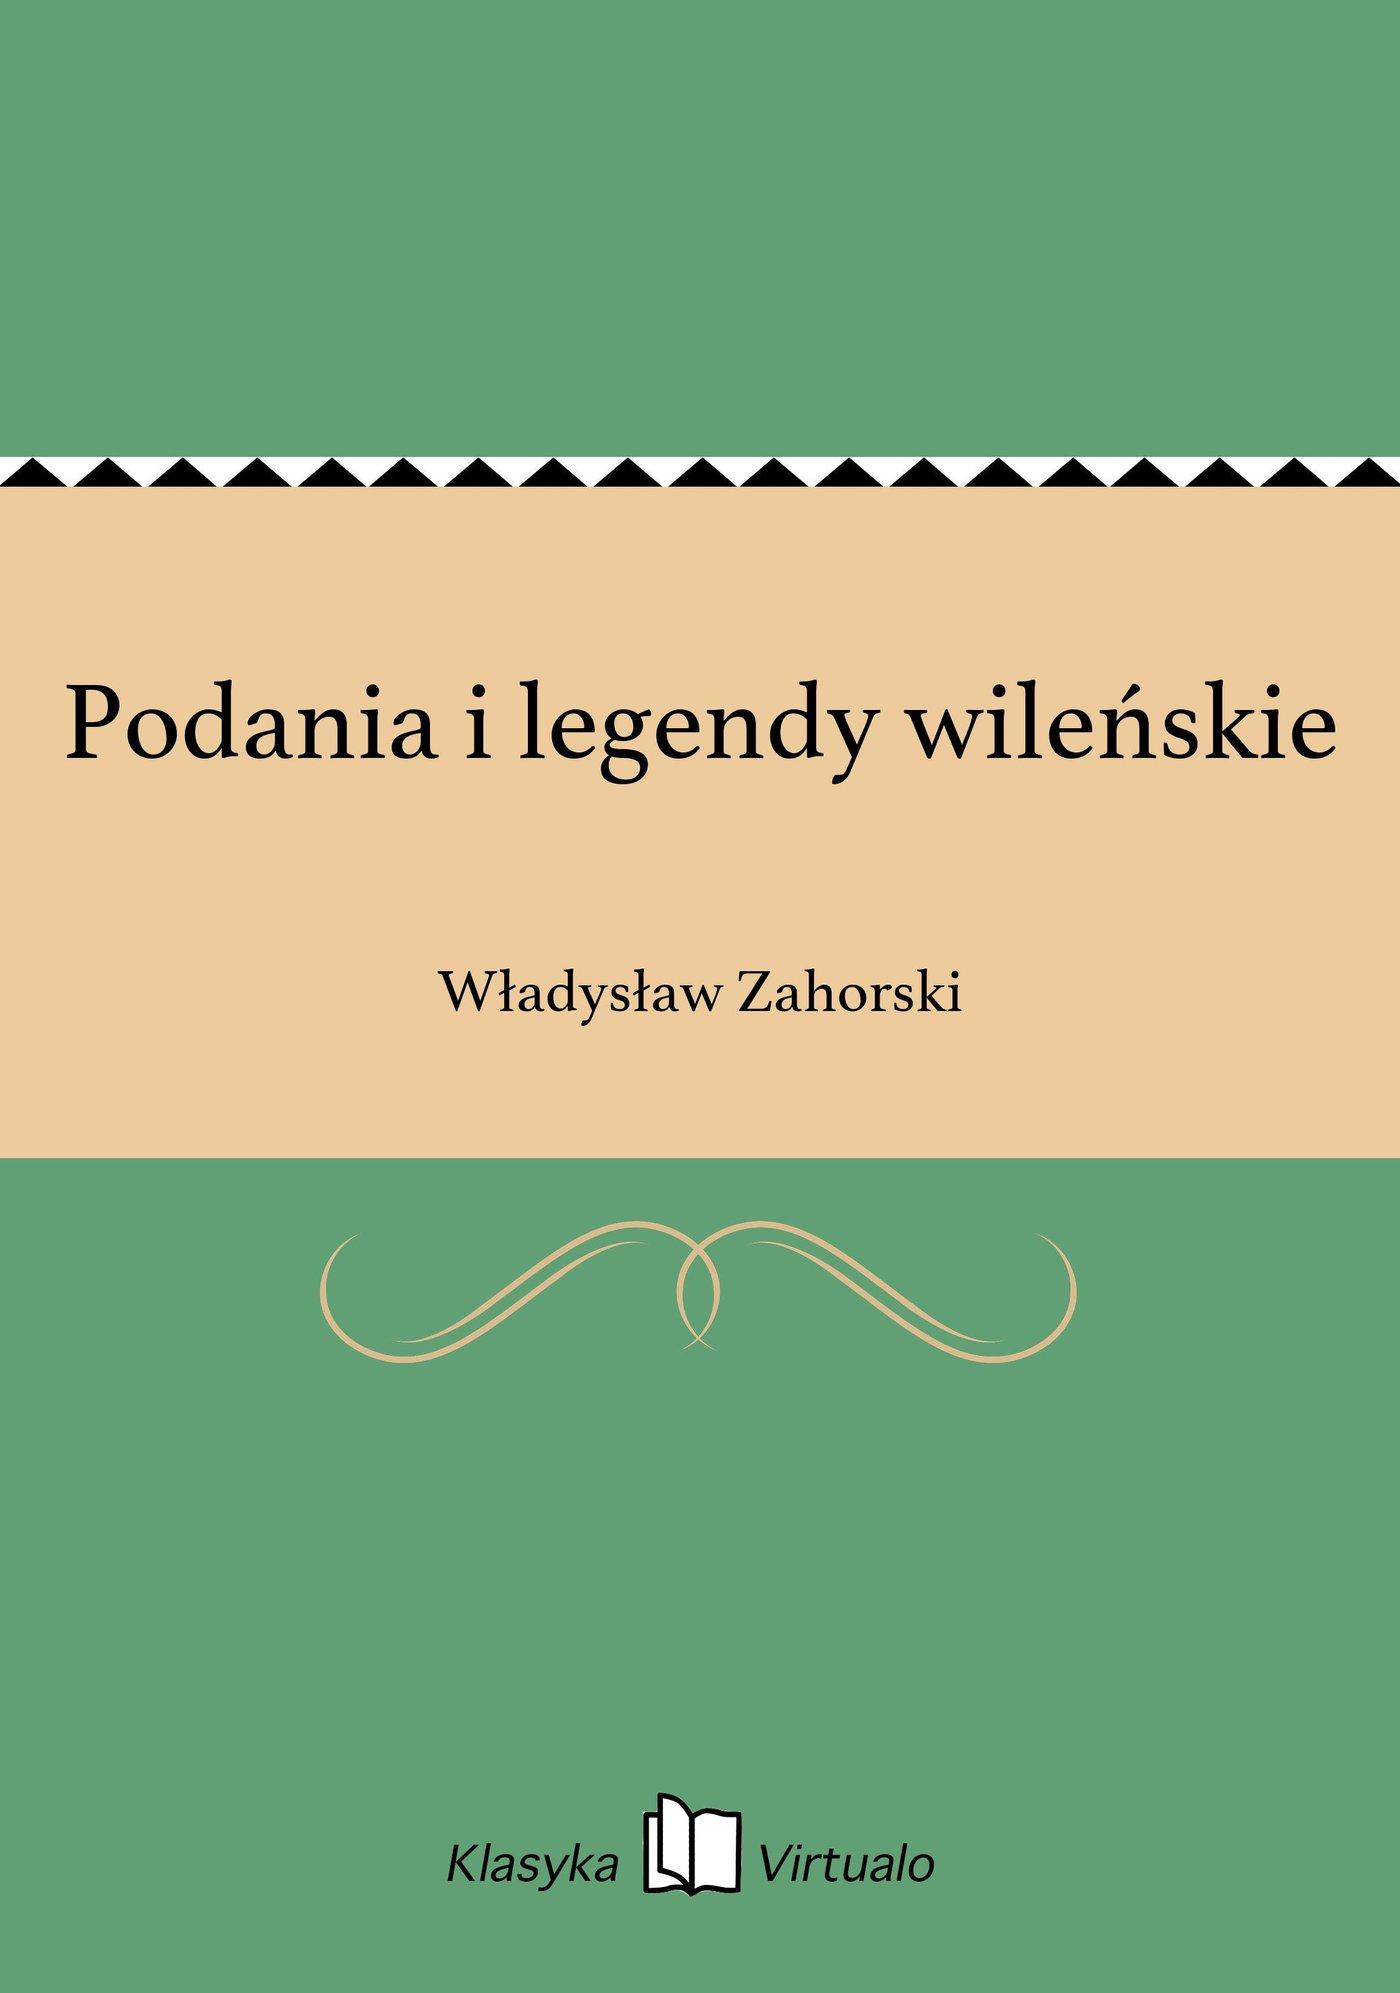 Podania i legendy wileńskie - Ebook (Książka na Kindle) do pobrania w formacie MOBI